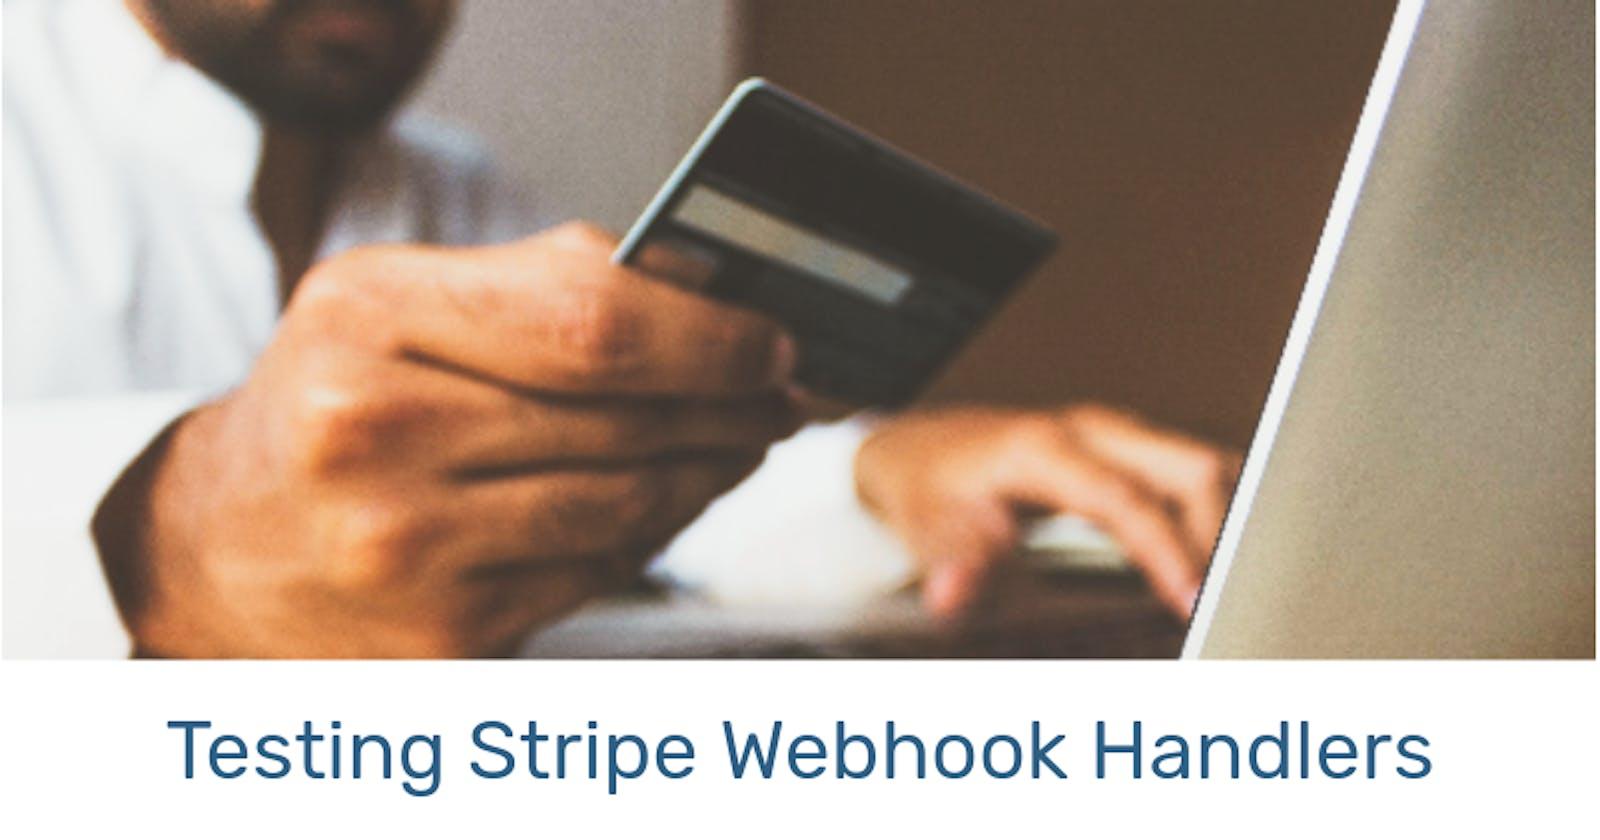 Testing Stripe Webhook Handlers